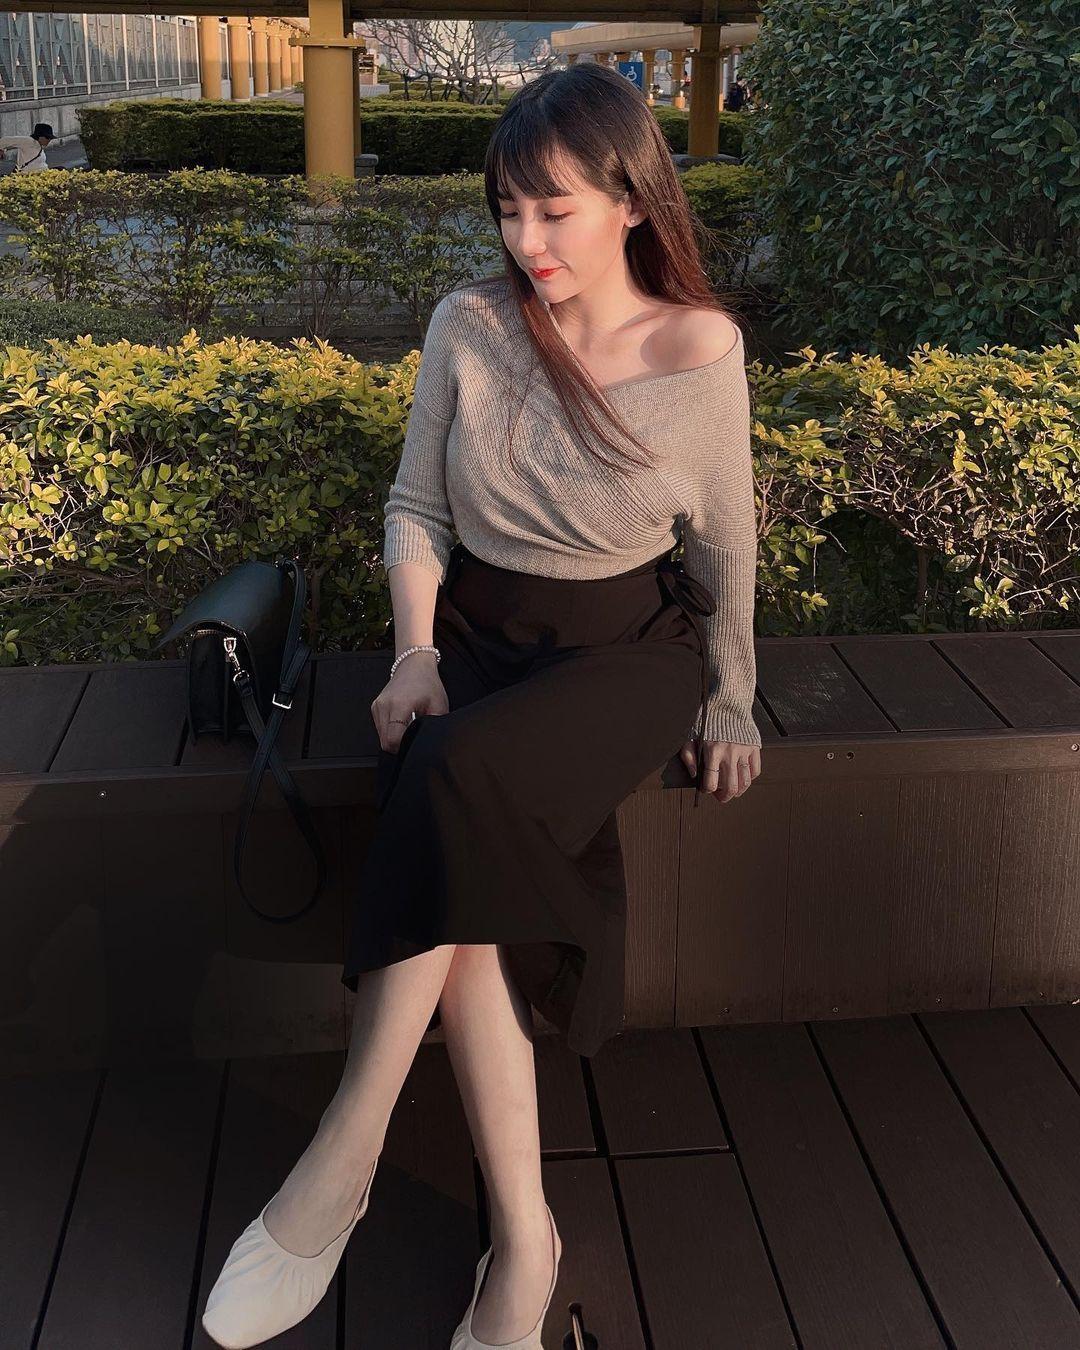 复兴商工「长发美女」.清纯性感兼具,制服下好身材. 网络美女 第6张